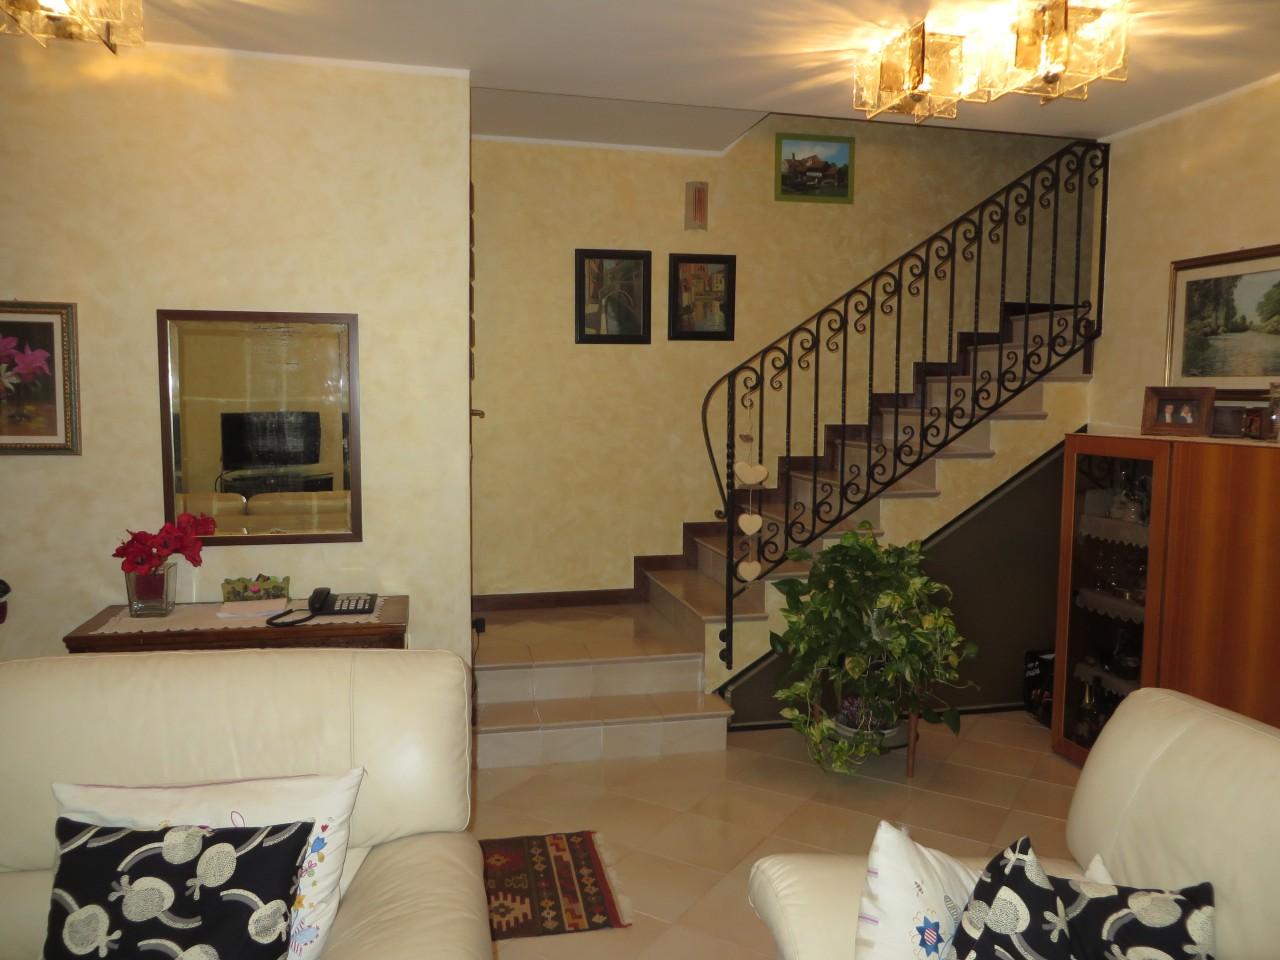 terranegra in complesso residenziale composto da On interni villette